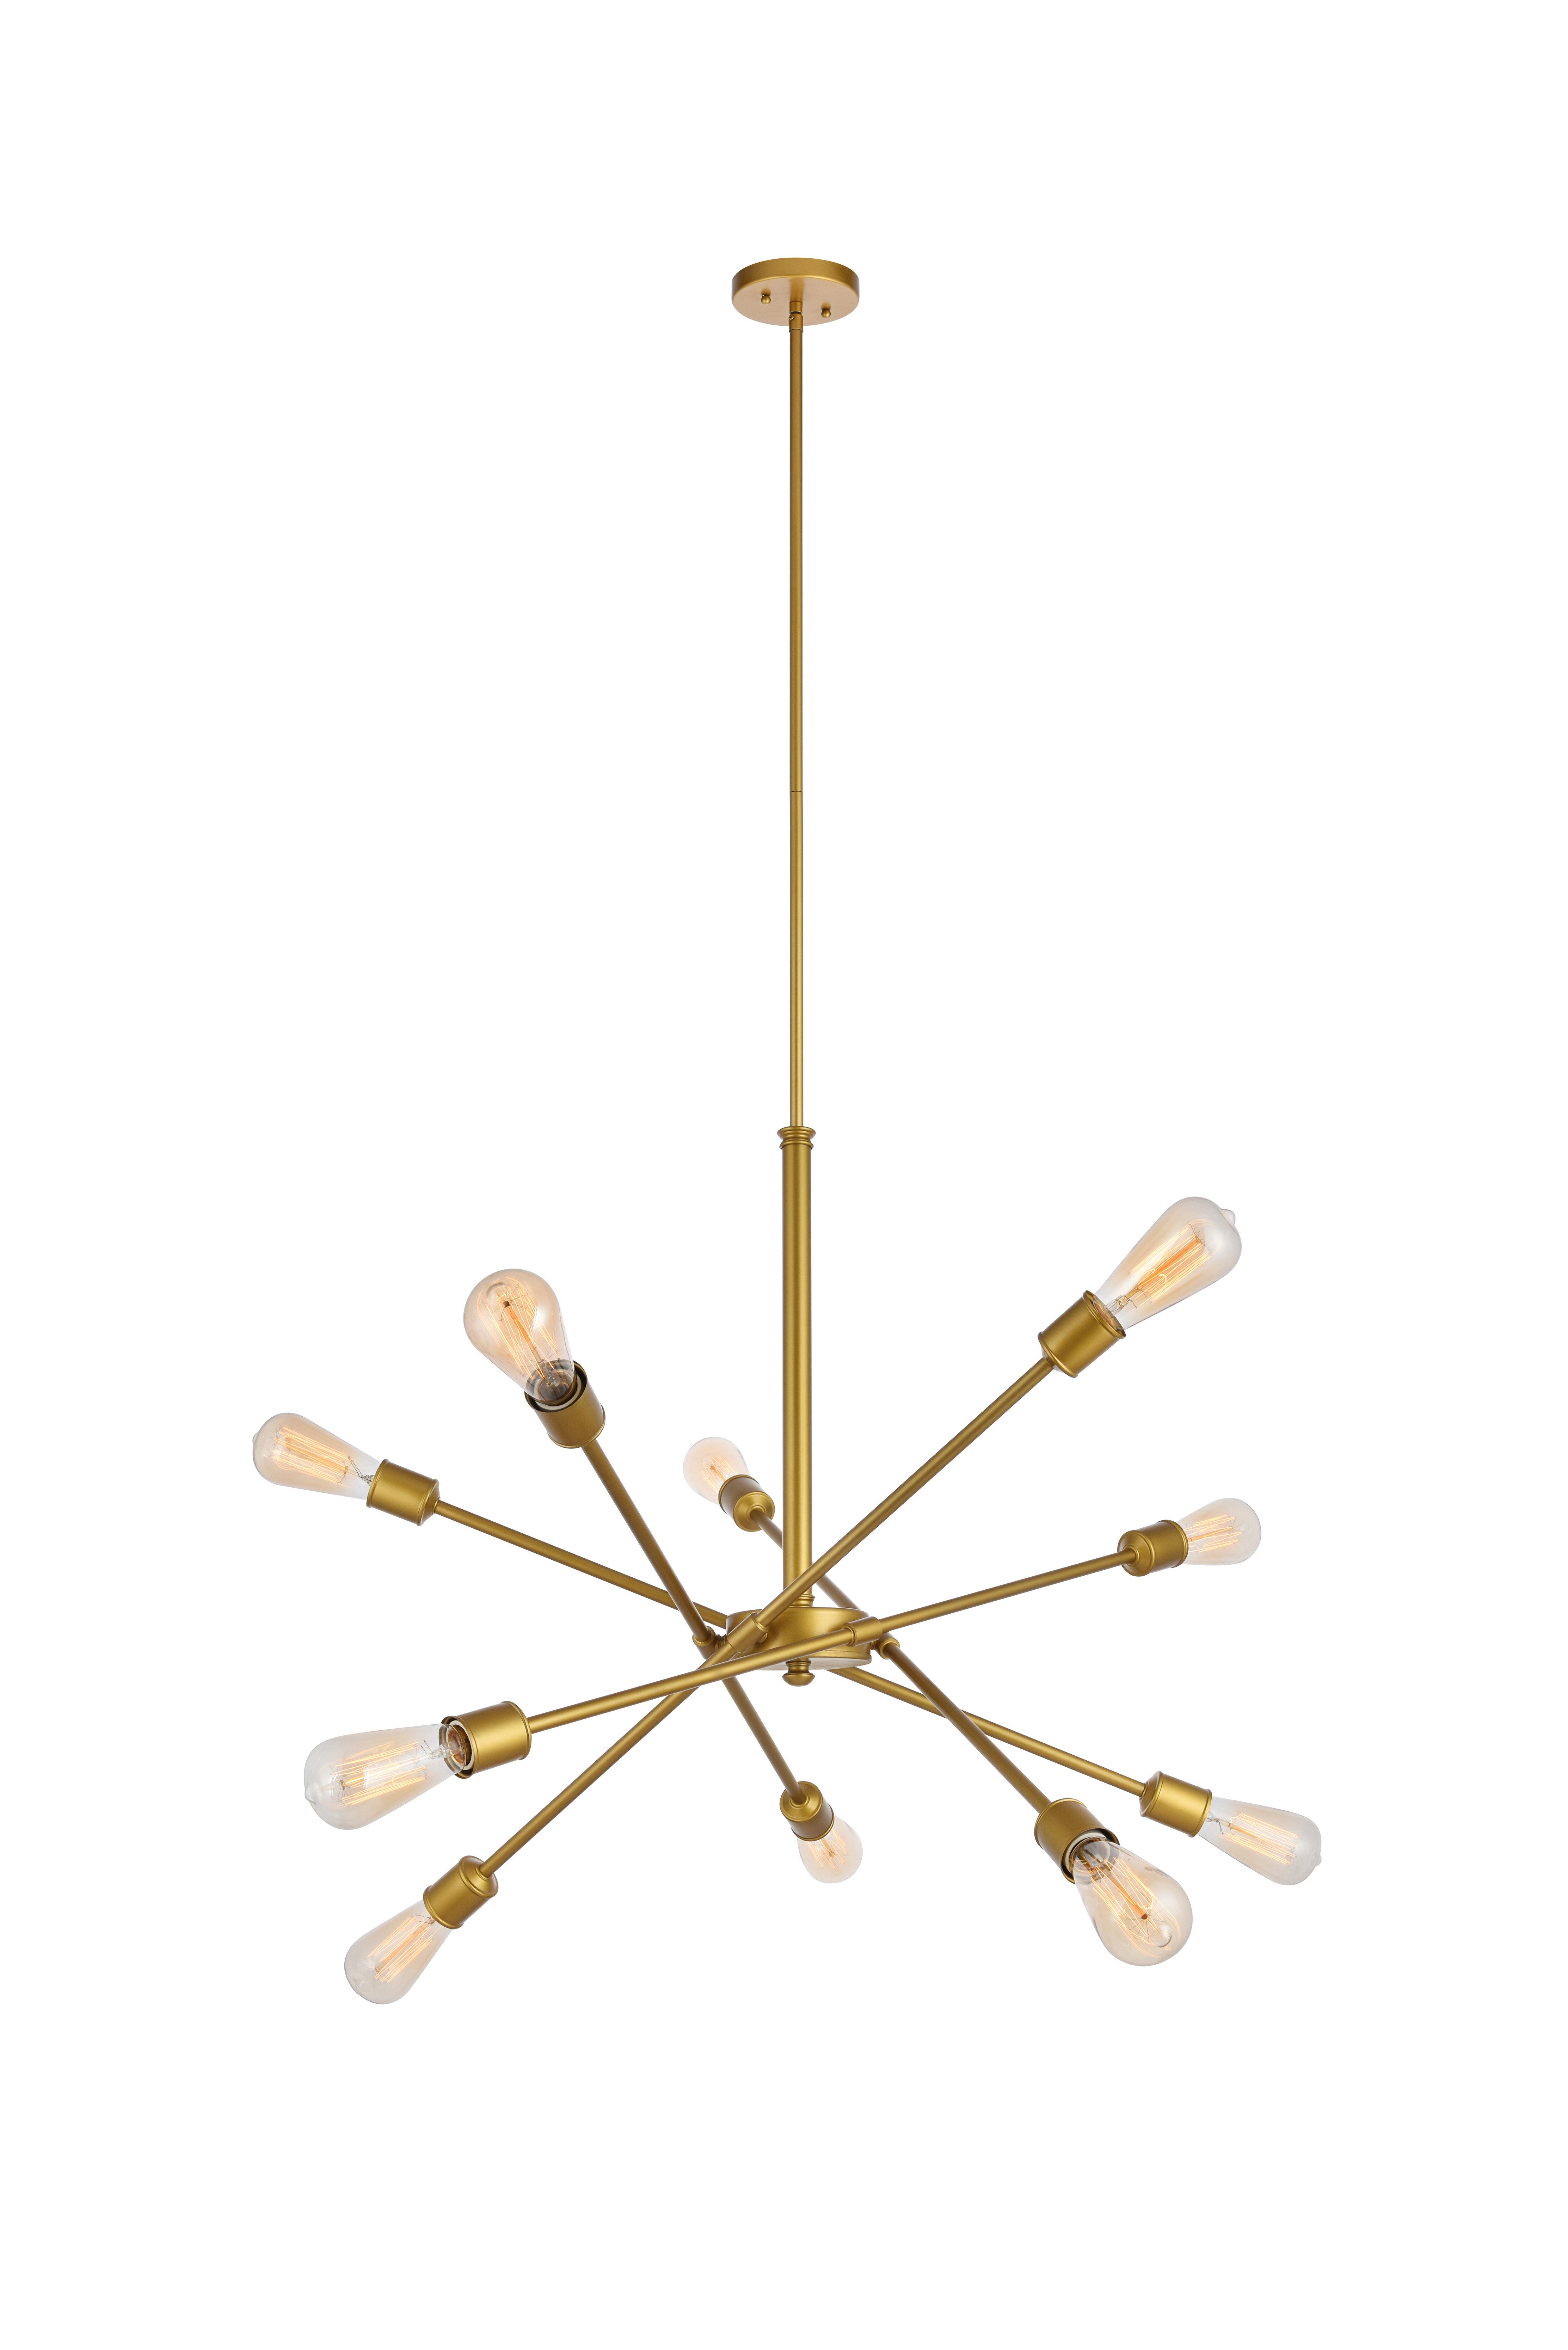 Everett 10 Light Sputnik Chandelier In Everett 10 Light Sputnik Chandeliers (Gallery 3 of 30)